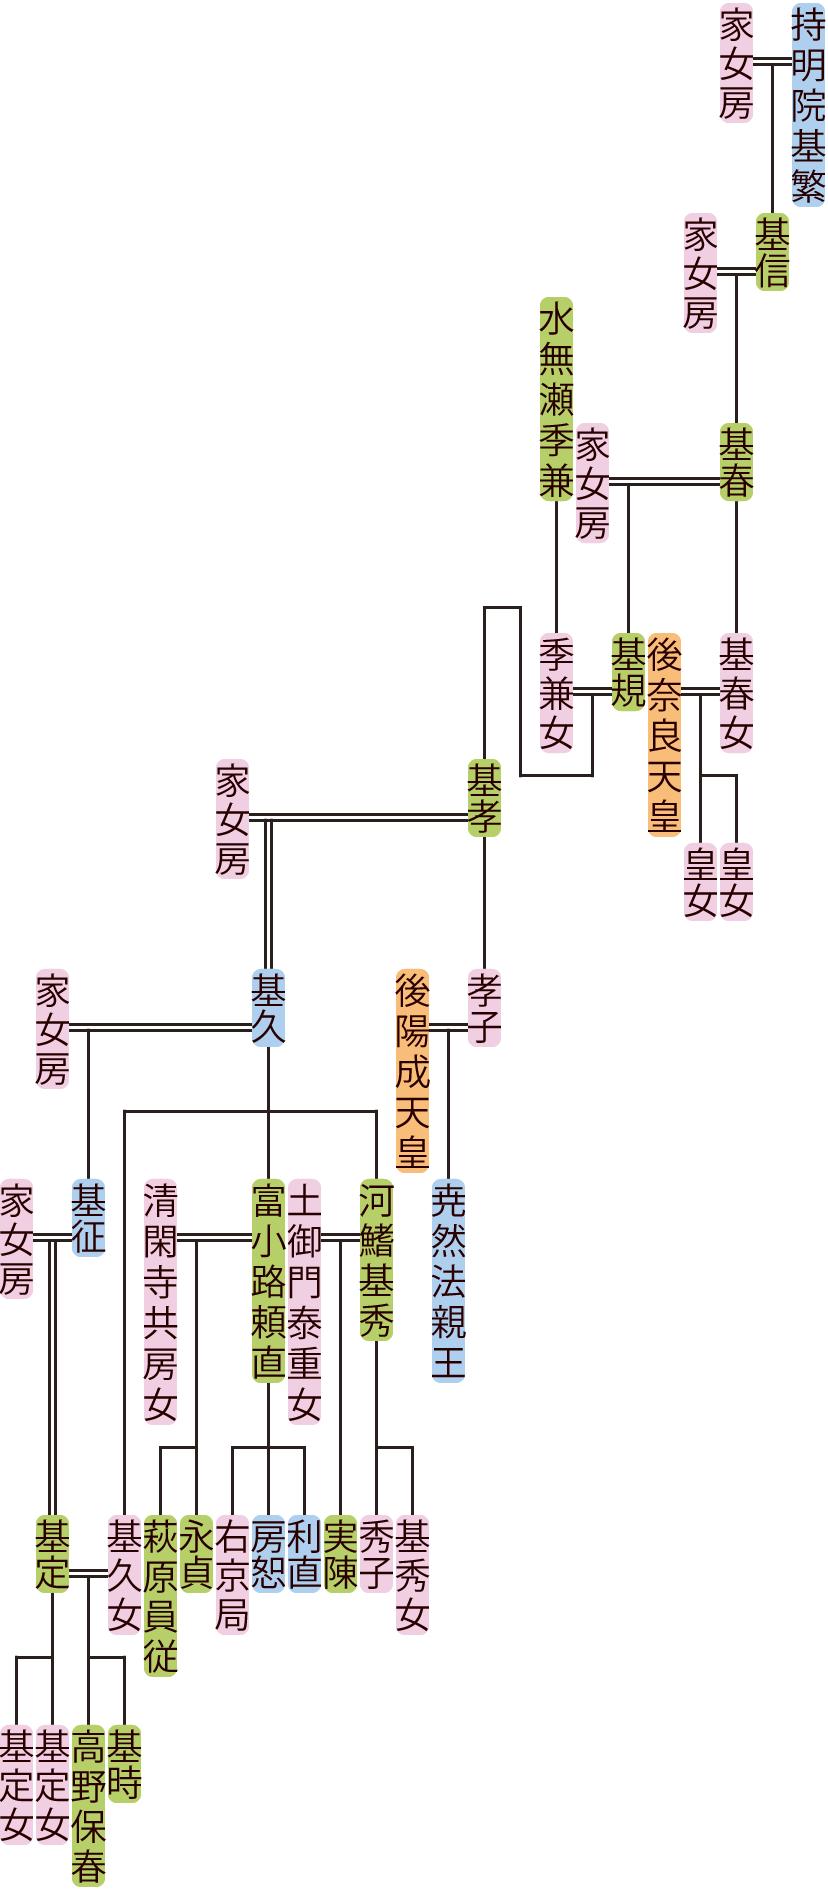 持明院基春~基征の系図